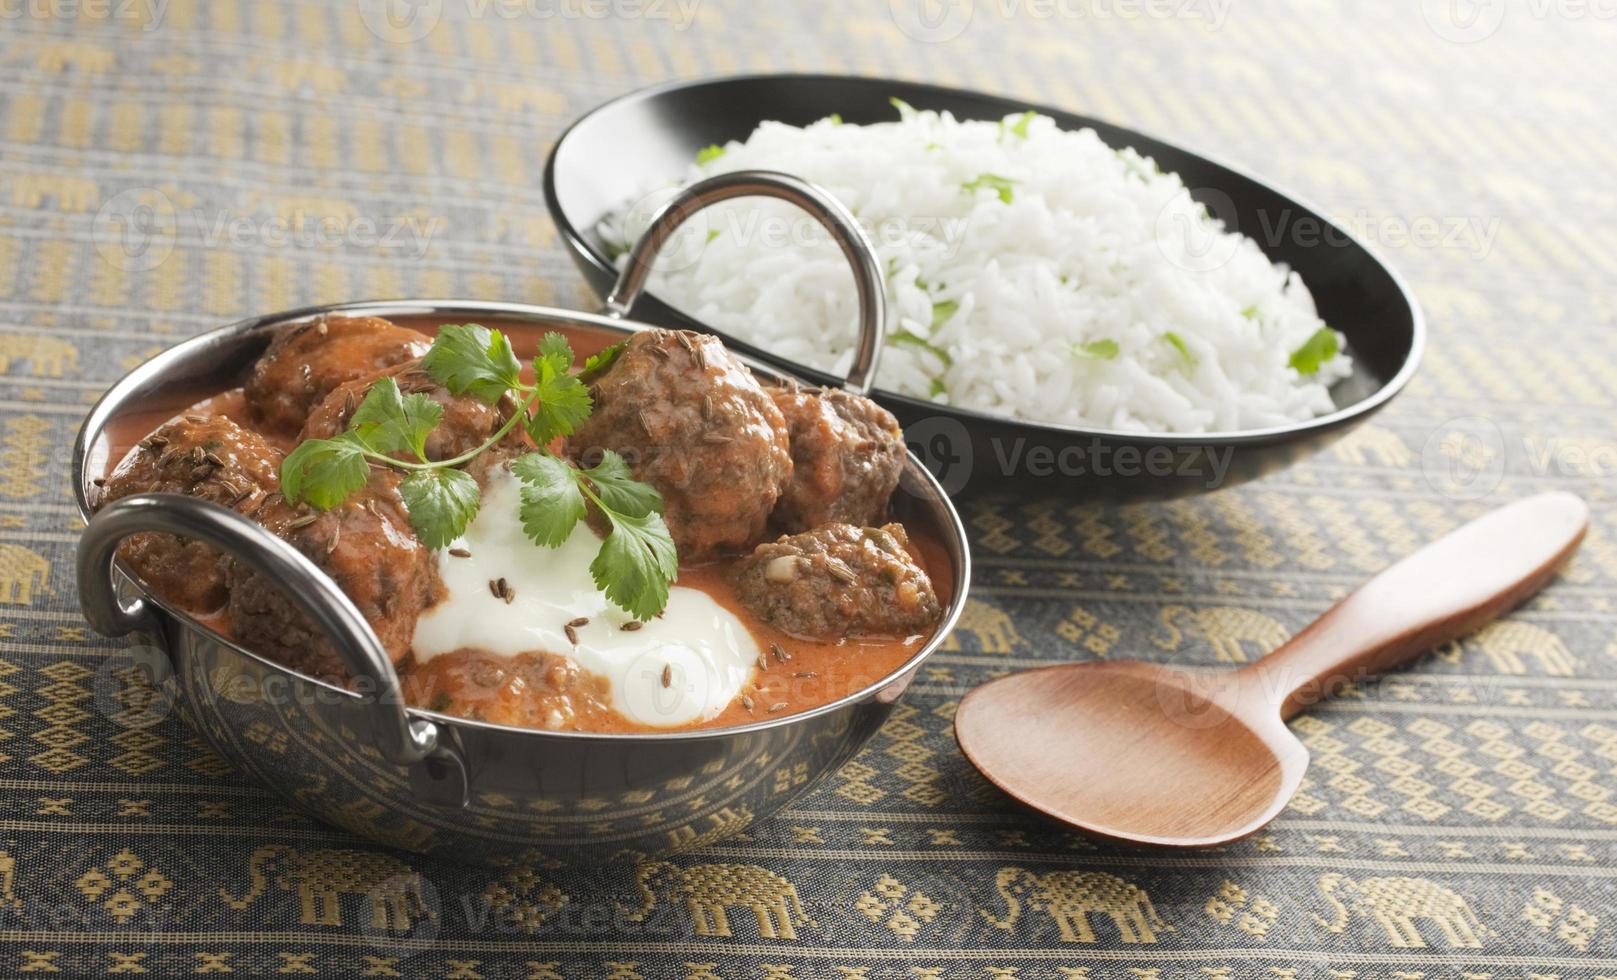 comida india comida cocina balti curry y arroz foto